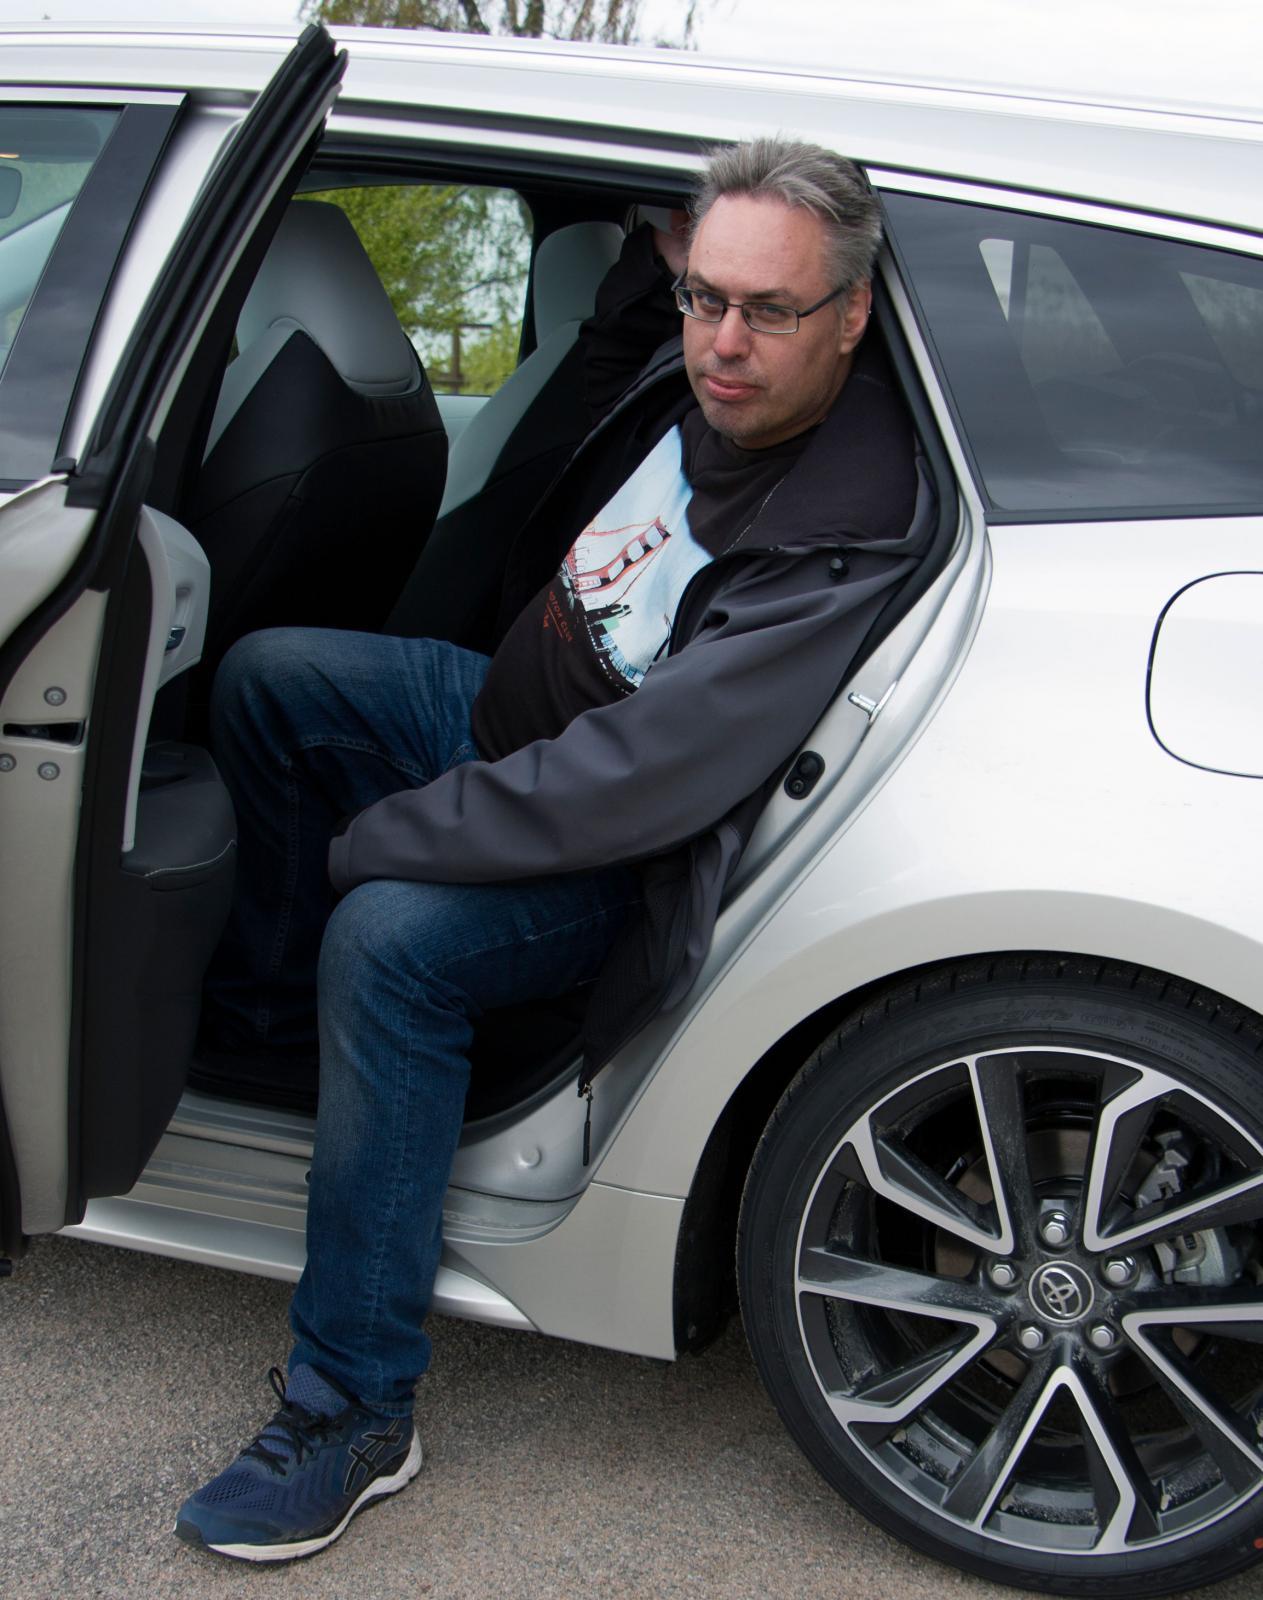 Inte ens normallånga personer tar sig lätt i och ur Corollas baksäte. Med panoramataket inskränks också takhöjden markant.